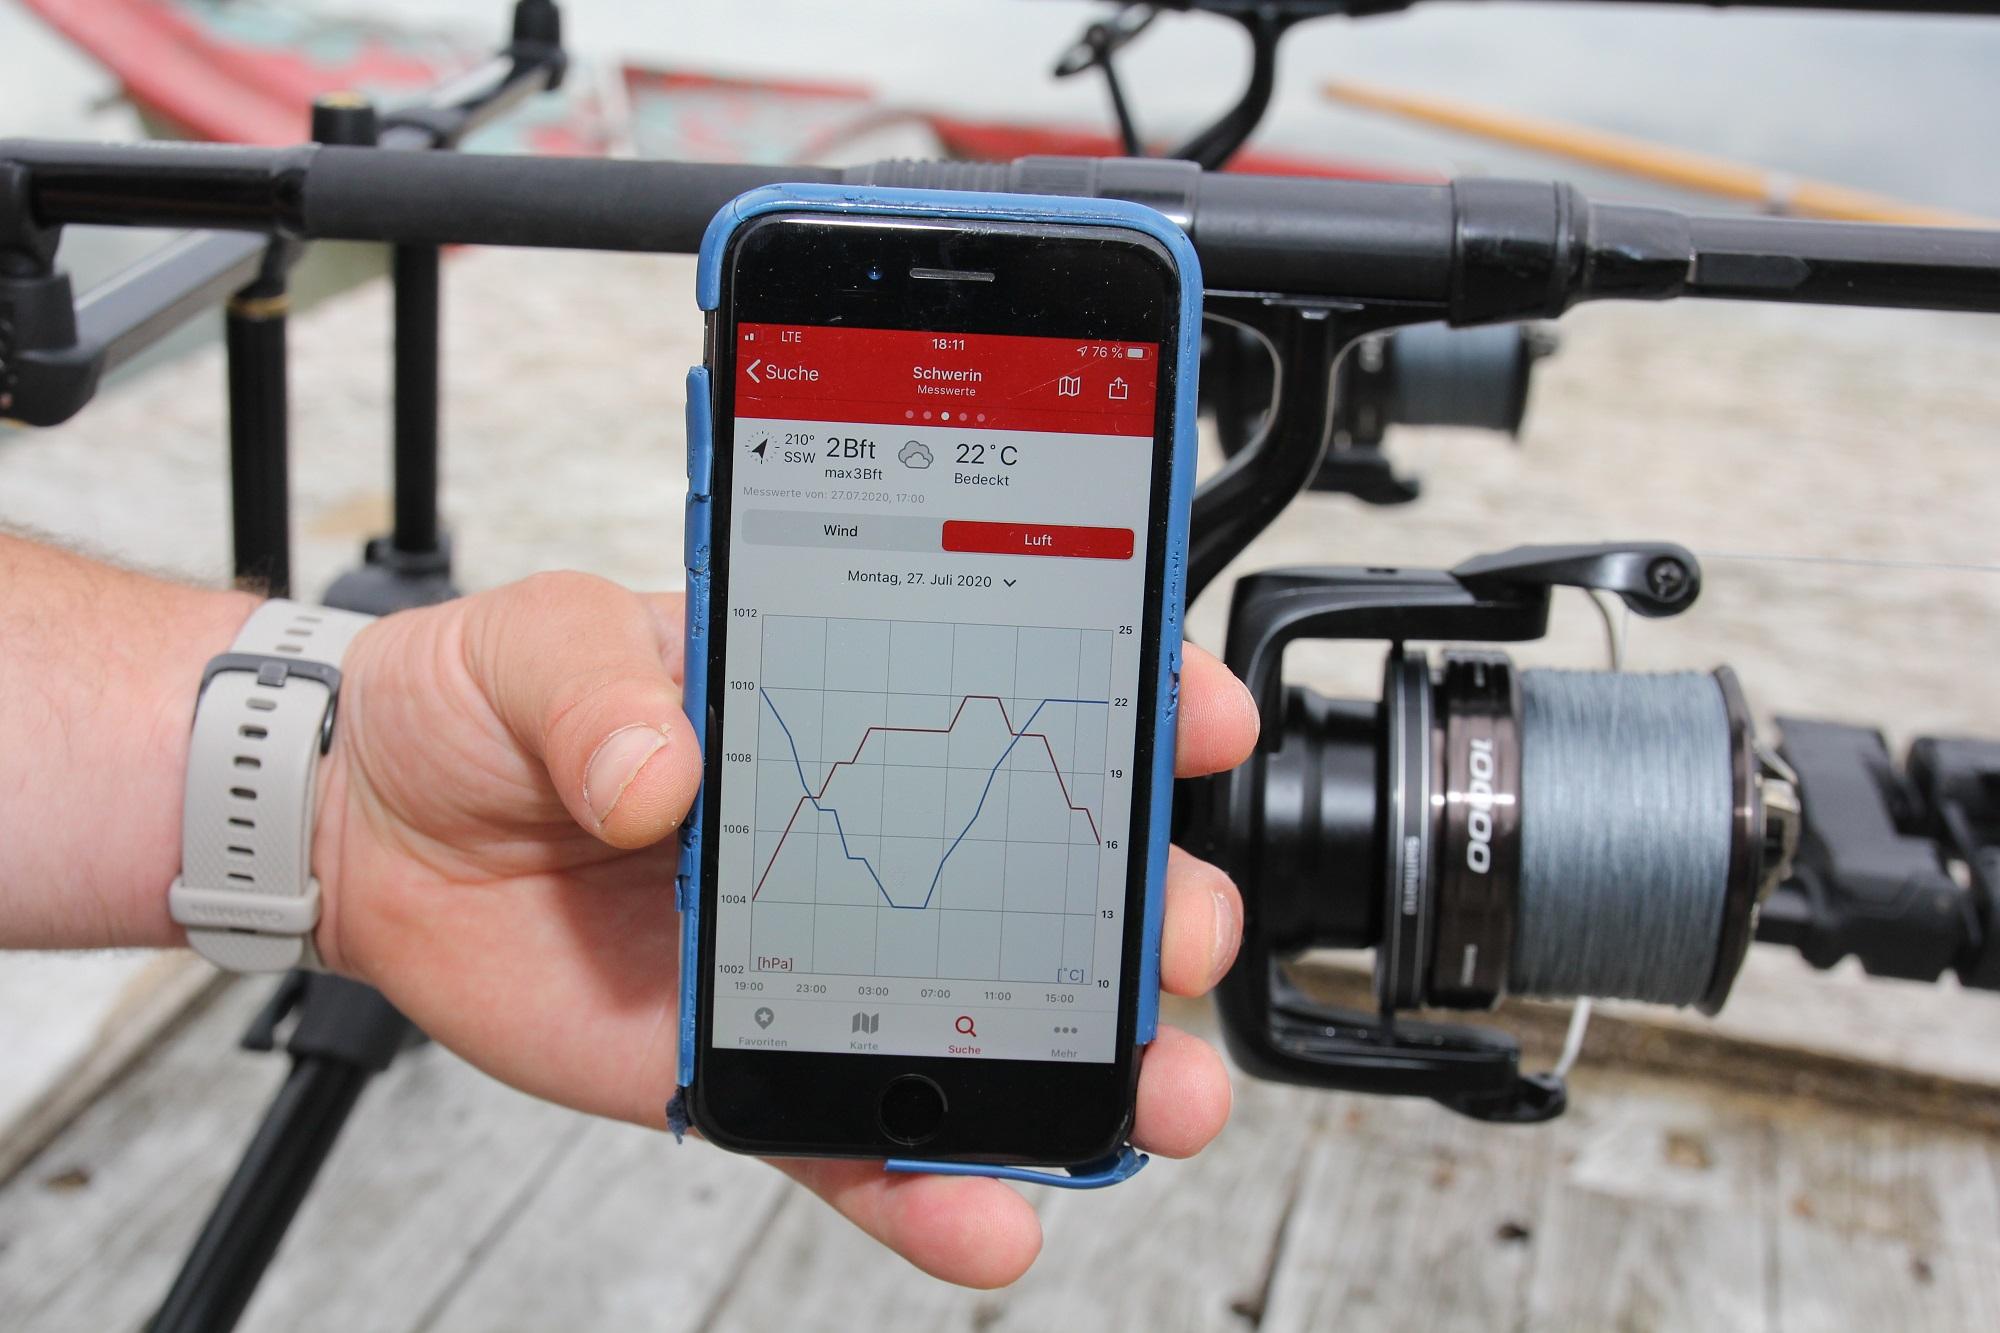 Mit Wetter-Apps wie Windfinder hat der Angler den Luftdruck und andere Einflüsse immer im Blick bei der Karpfensession